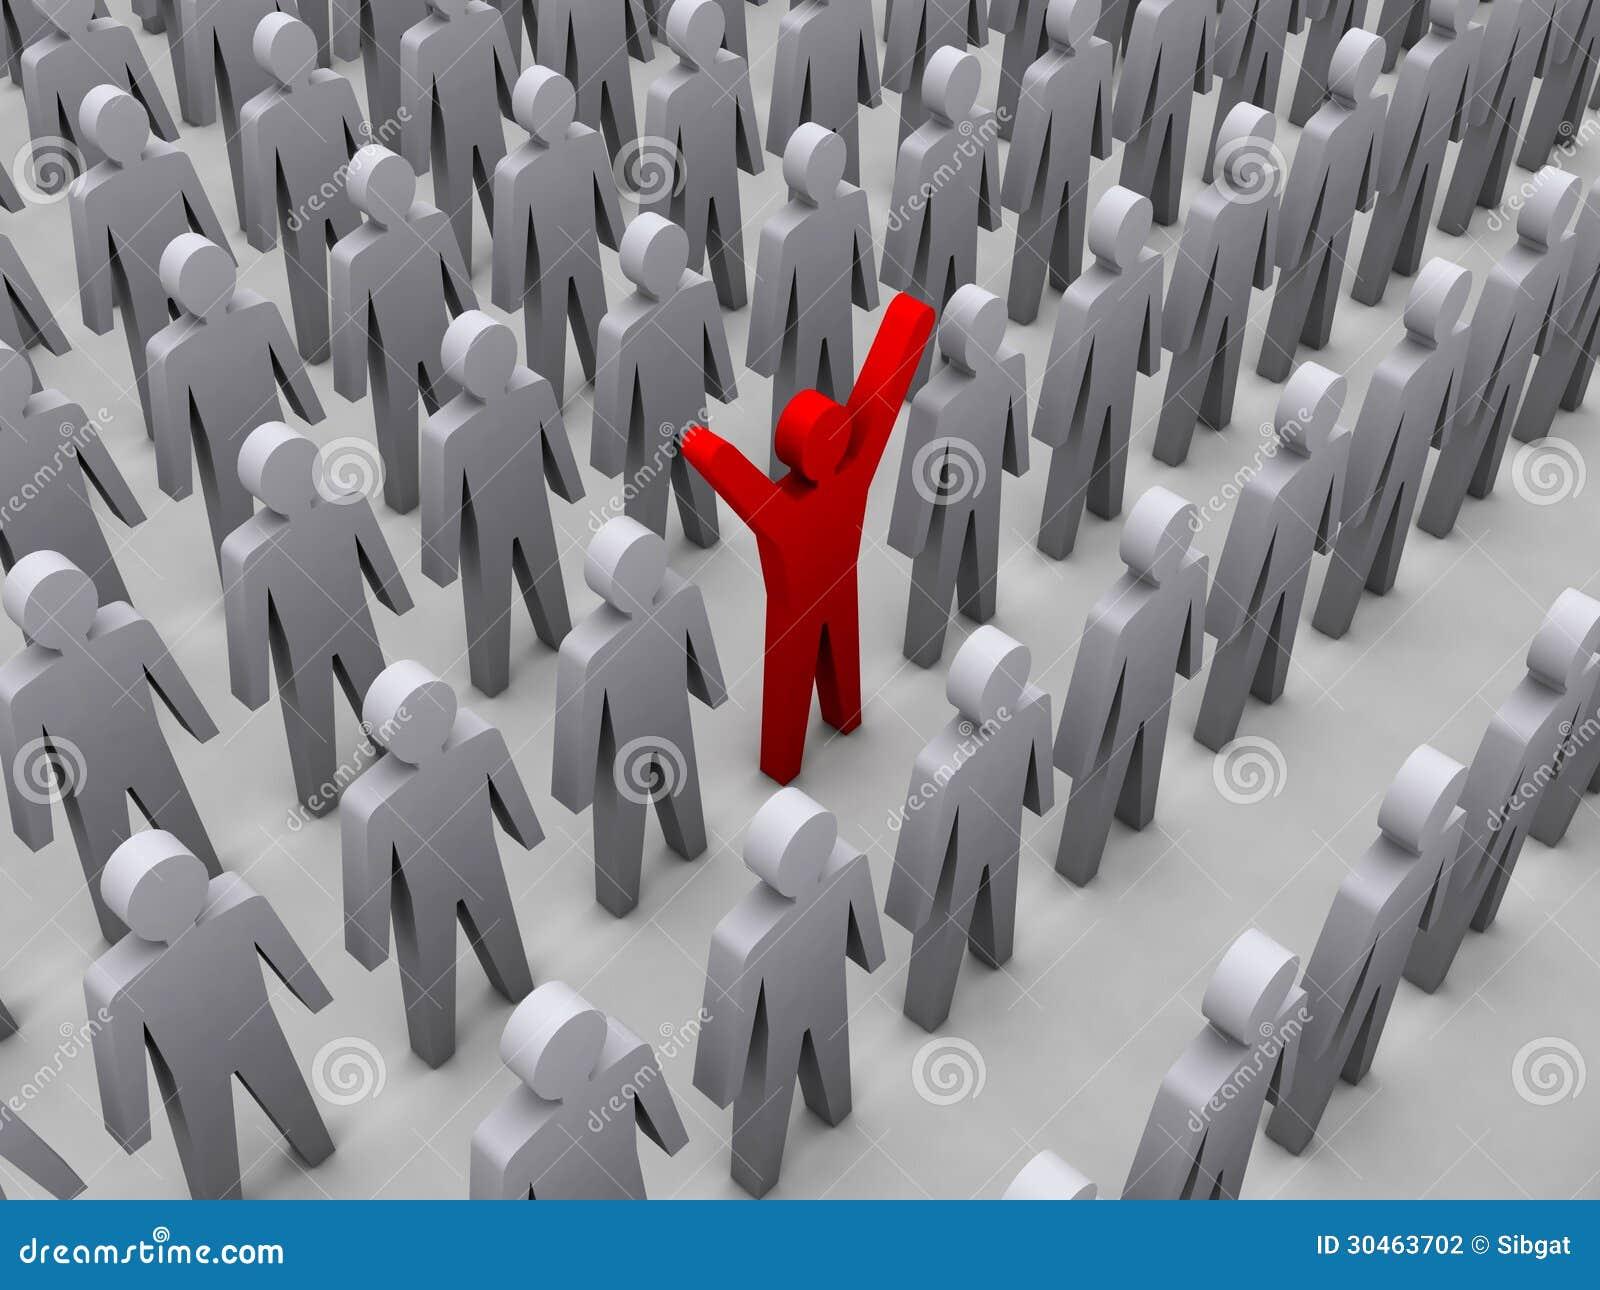 Unique person in crowd  Unique Person In A Crowd